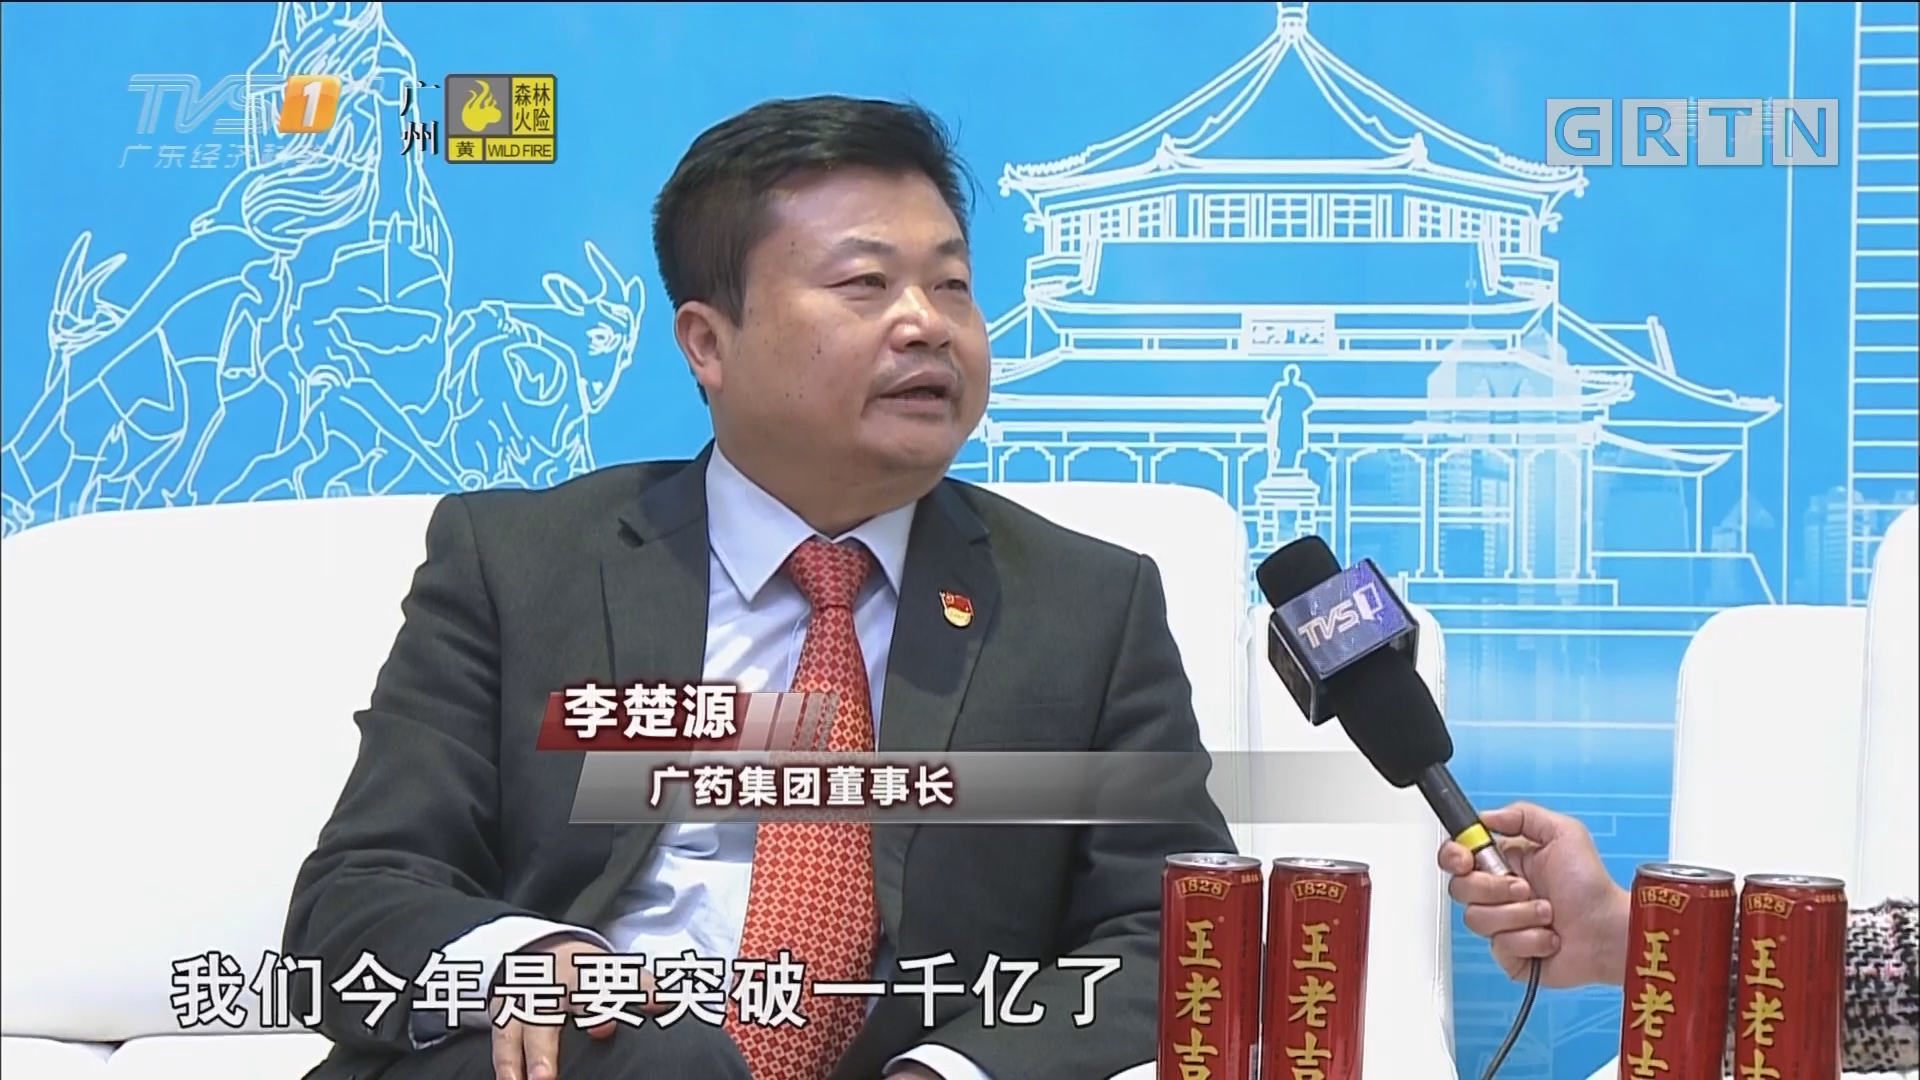 南粤药王的百年传承——专访广药集团董事长李楚源